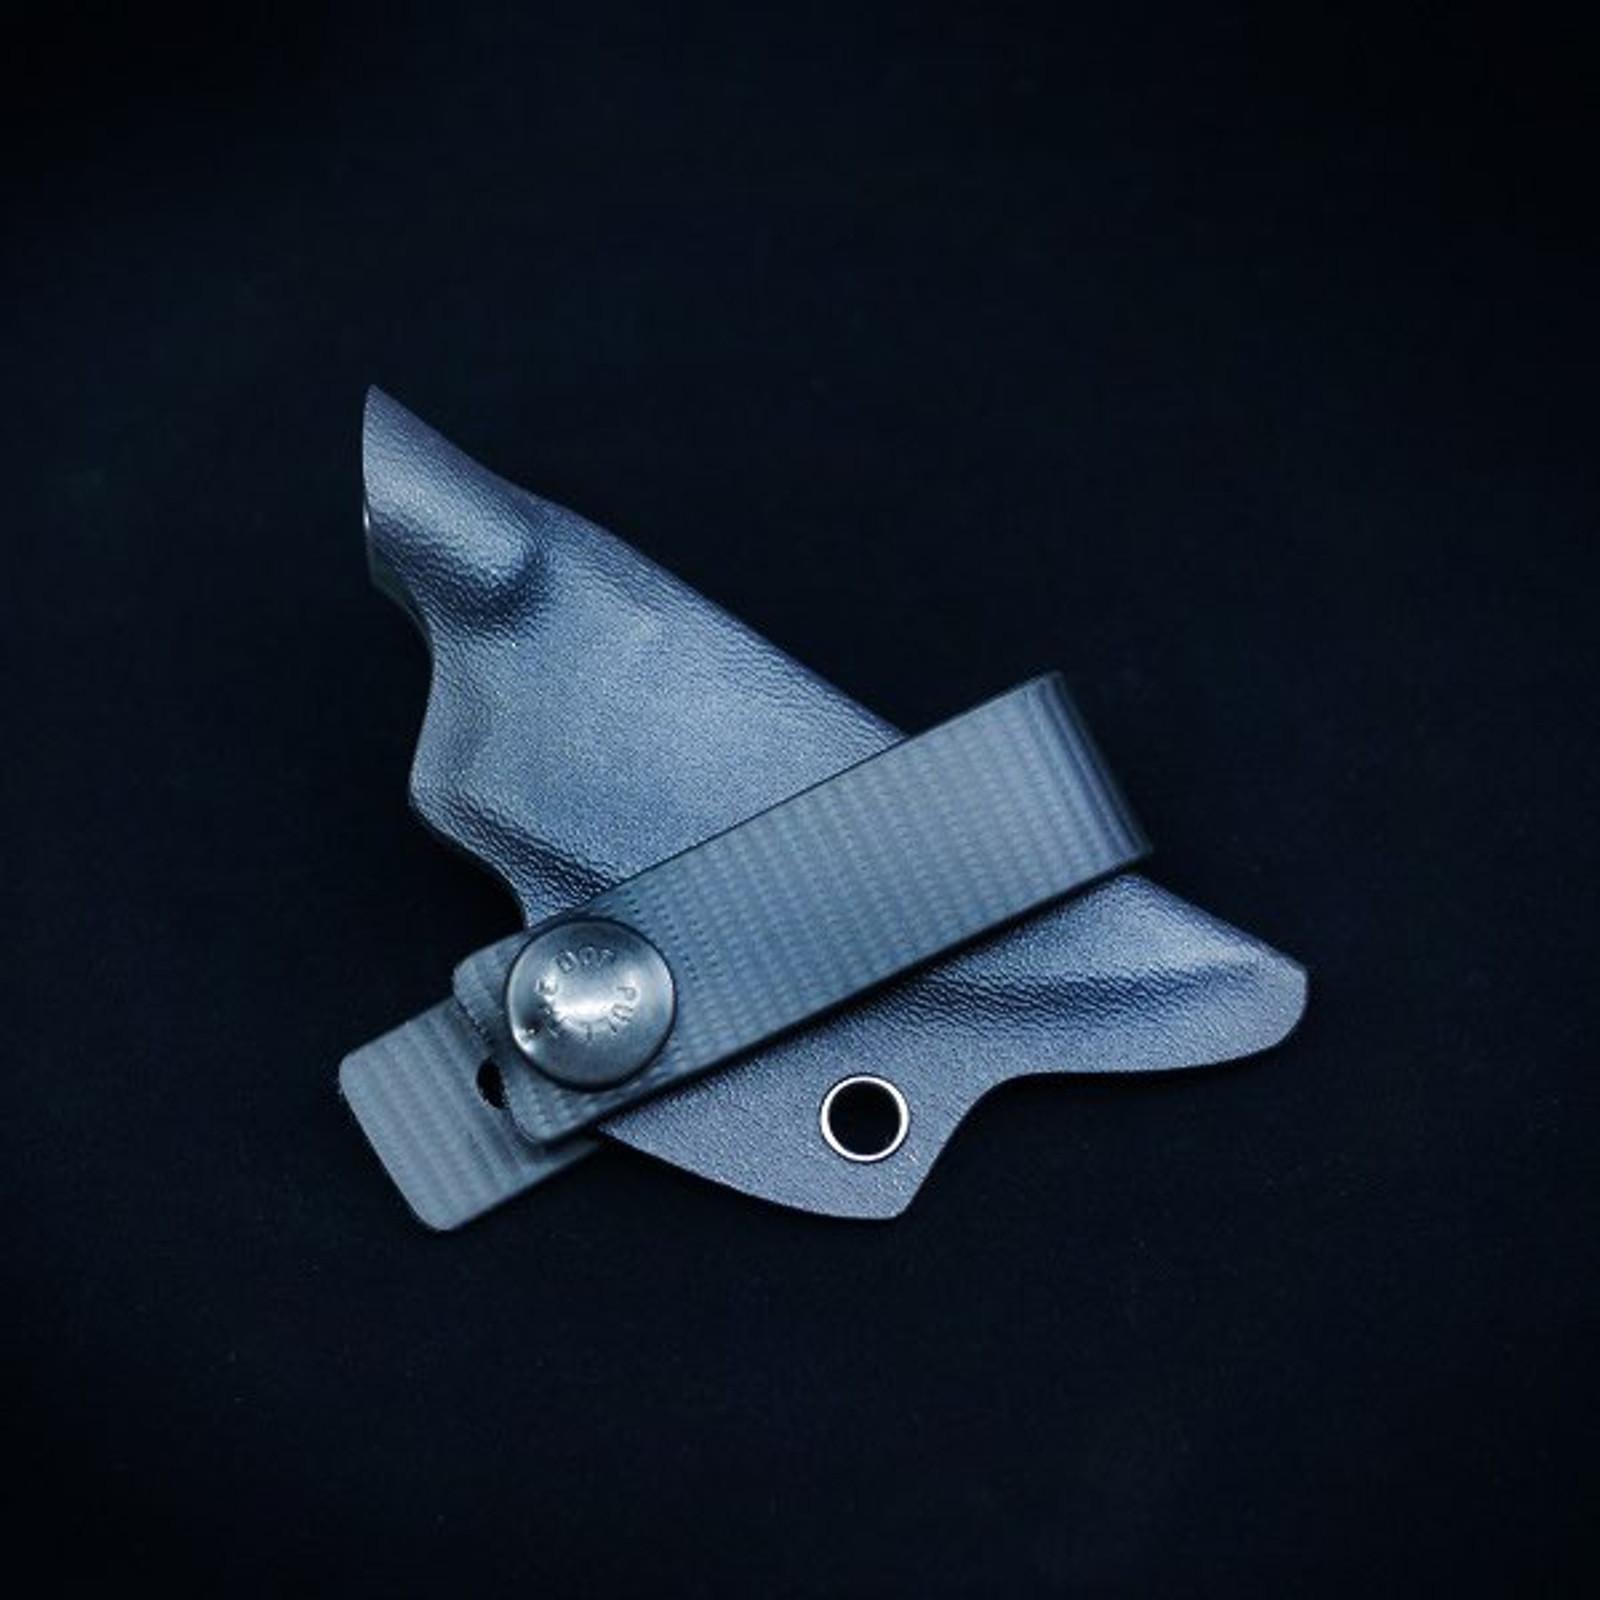 WPS Clinch Pick Knife